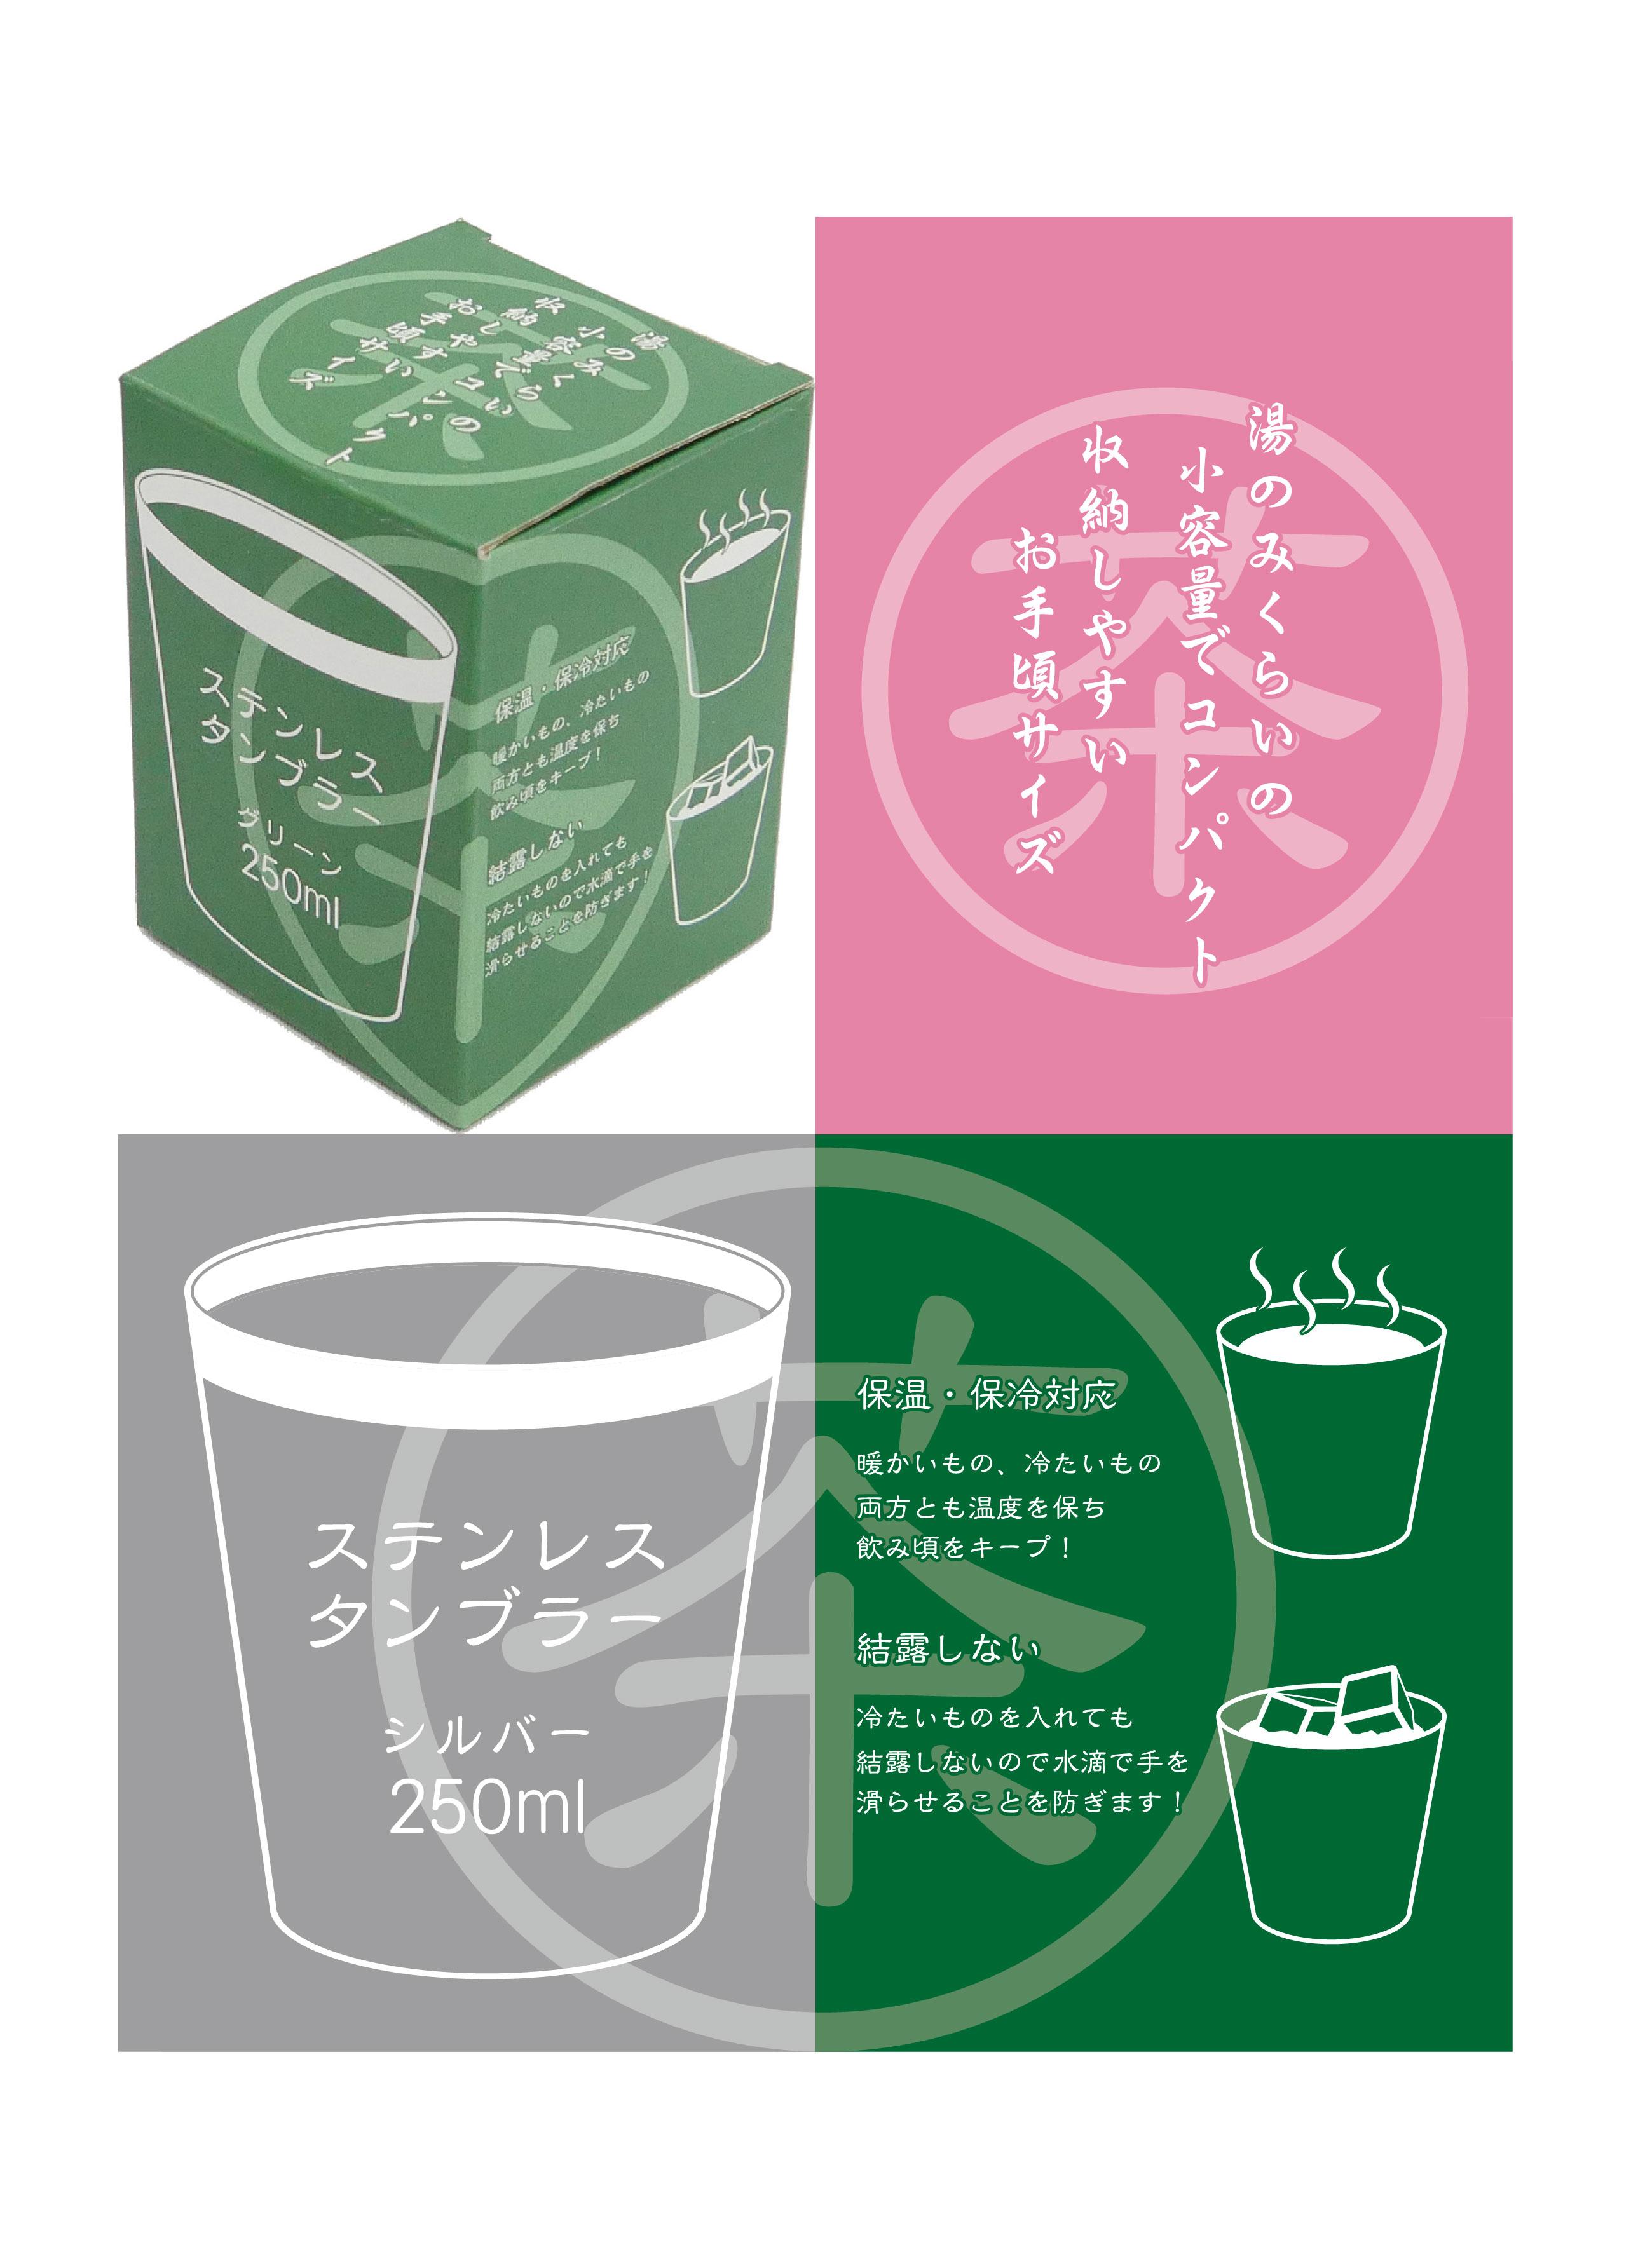 ステンレスお茶タンブラー パッケージ